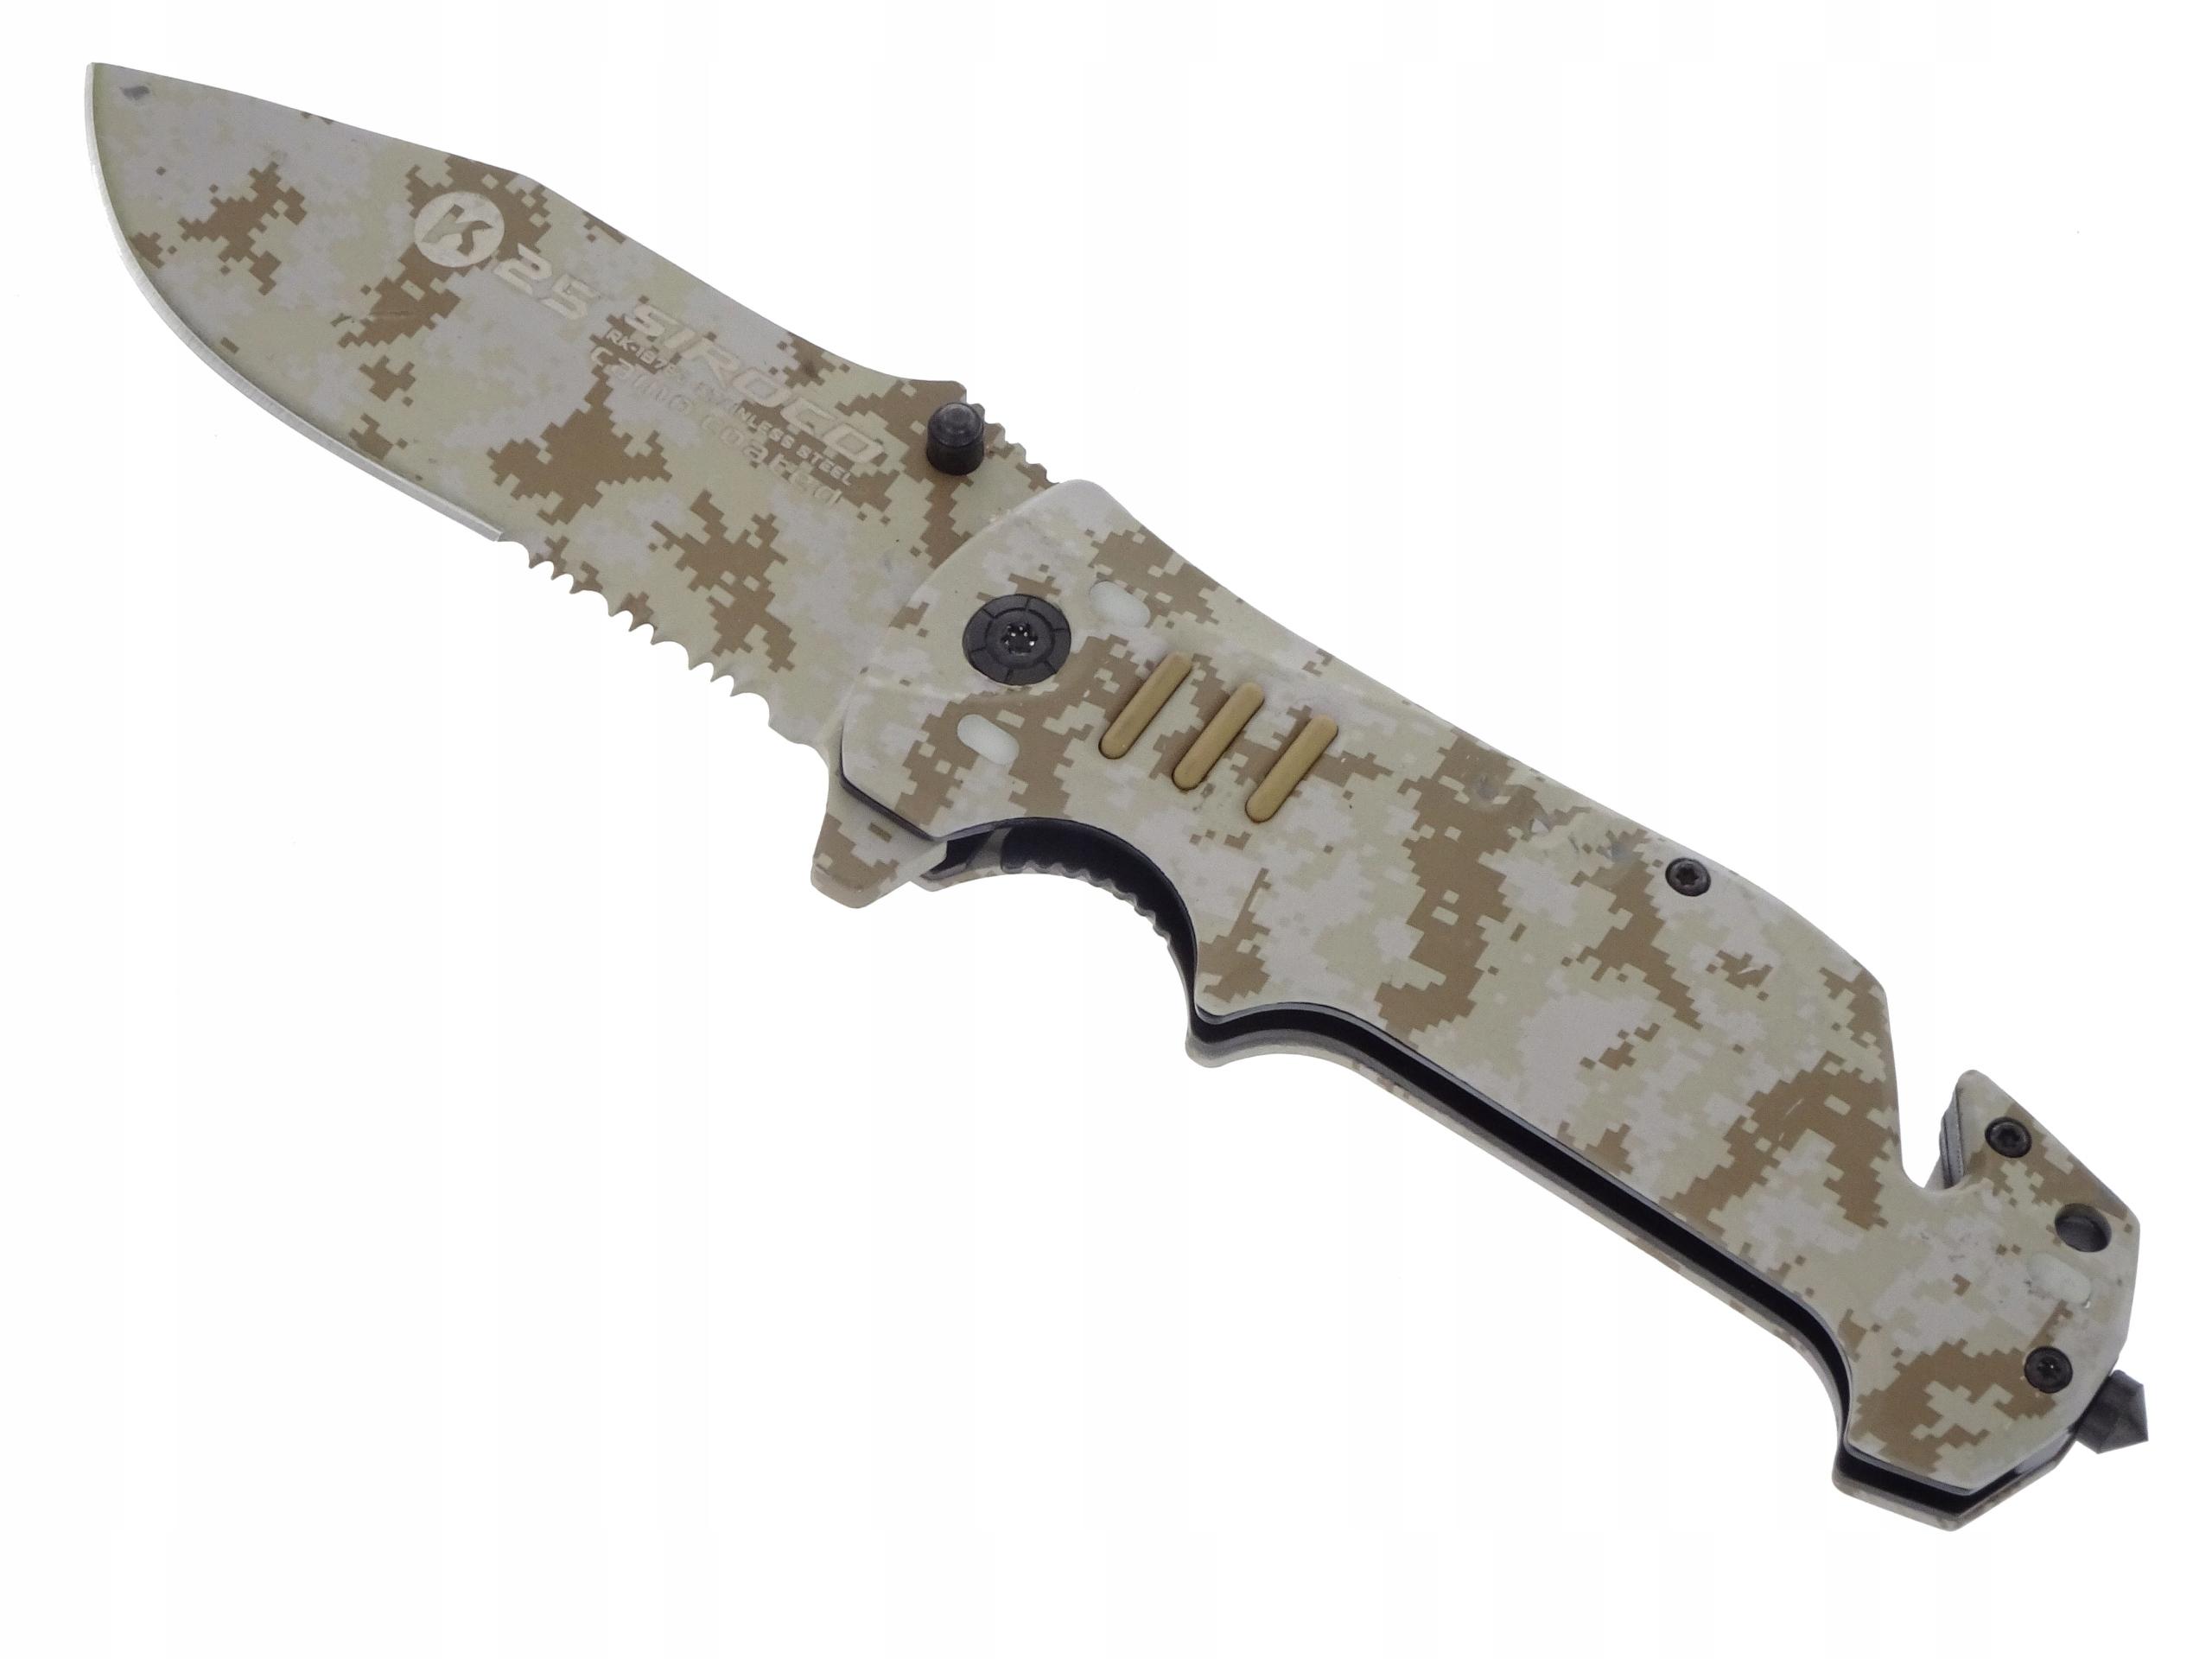 Nôž taktické / záchranné K 25 Albainox 19760